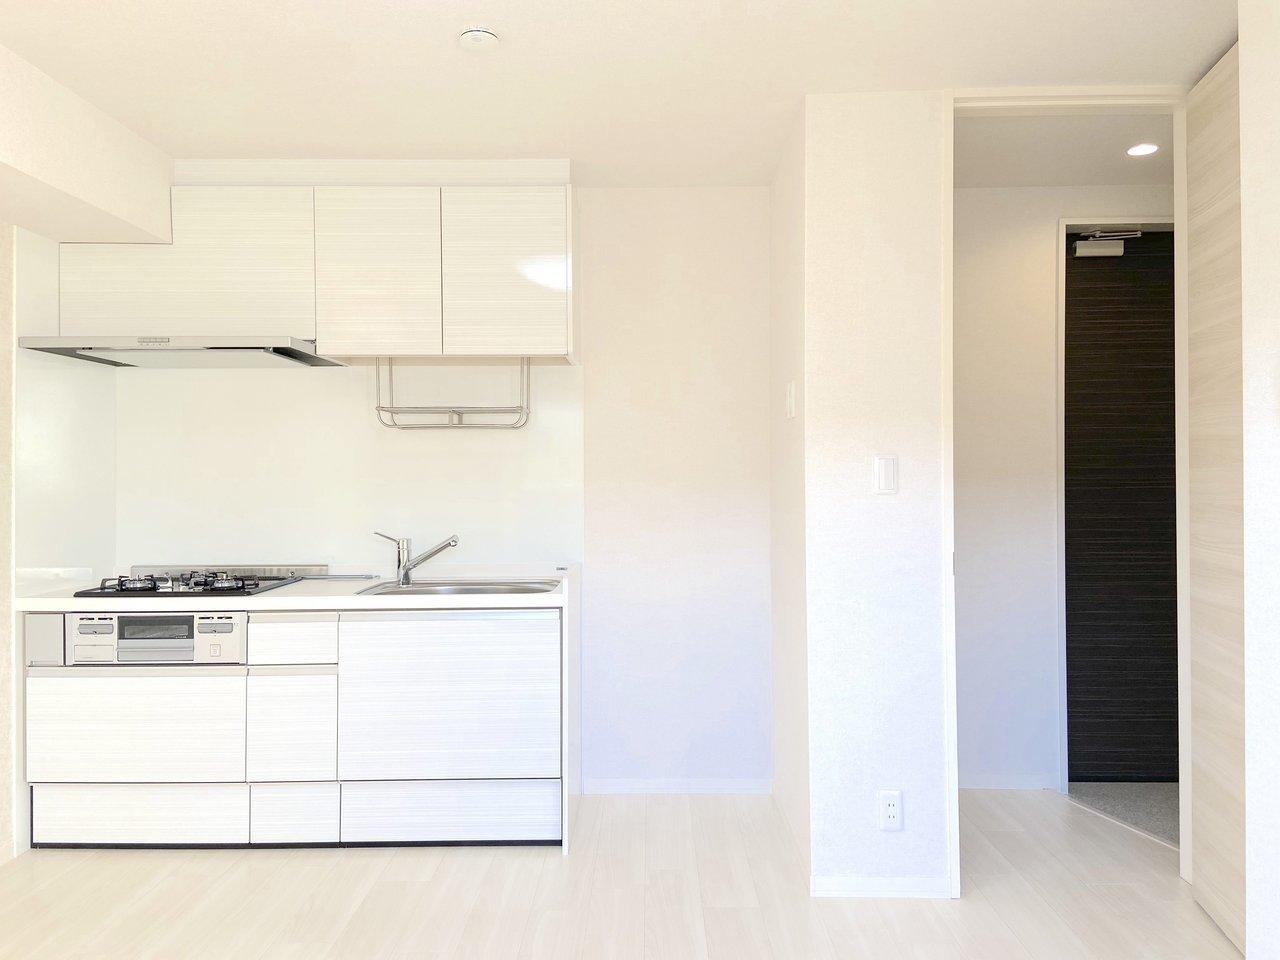 8.3畳の洋室で、南向きのワンルーム。白で統一された室内は清潔感があります。キッチンも料理がしやすそうな、十分な広さです。